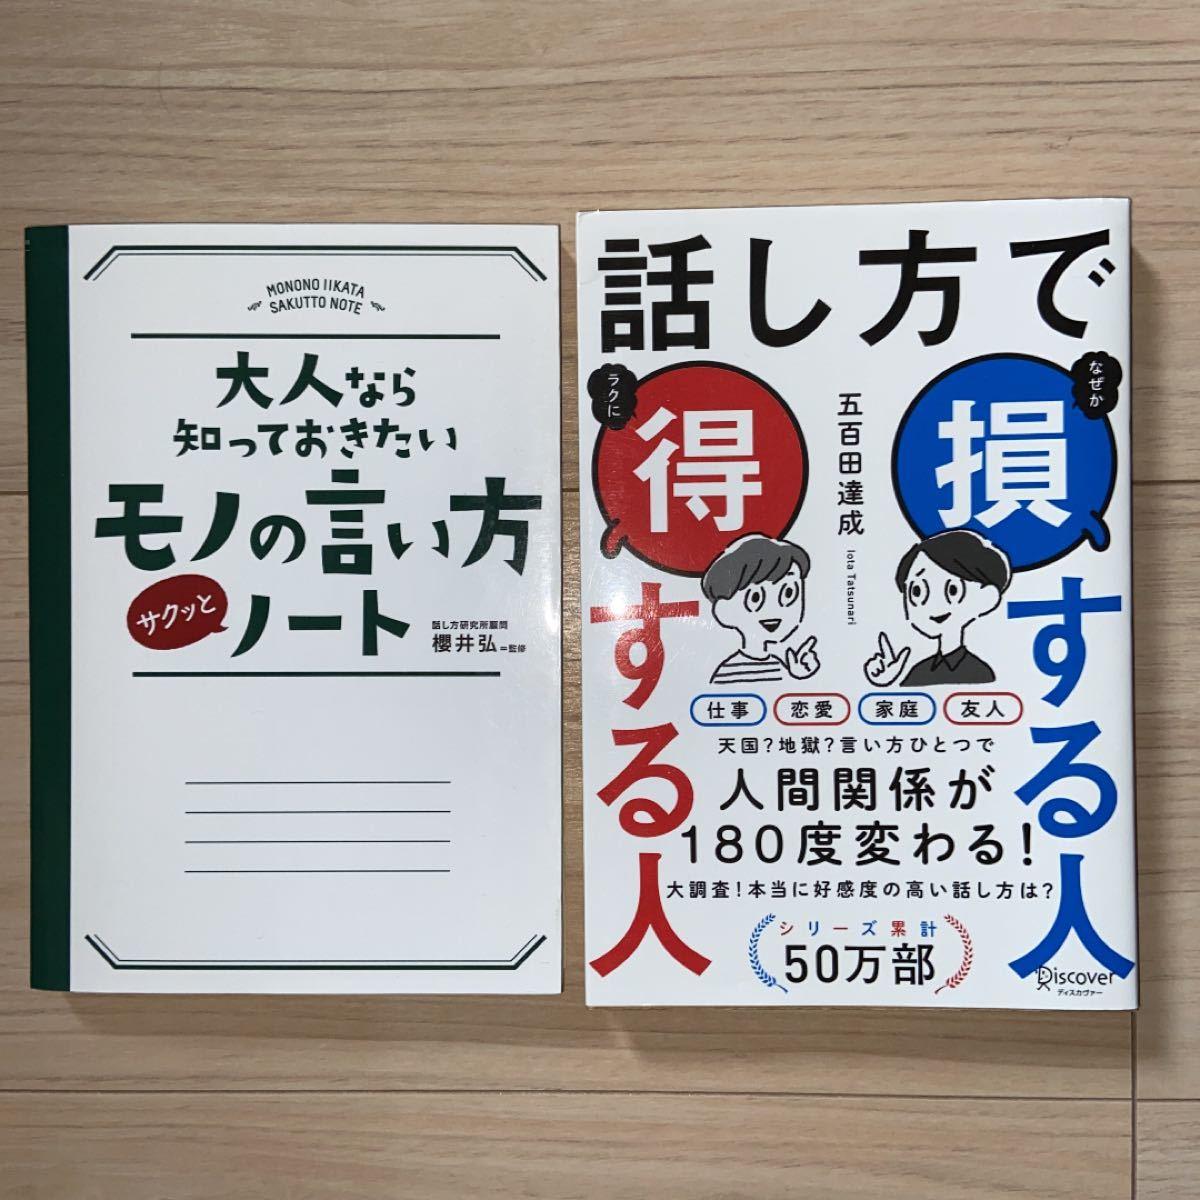 話し方で損する人得する人、大人なら知っておきたいモノの言い方サクッとノート 2冊